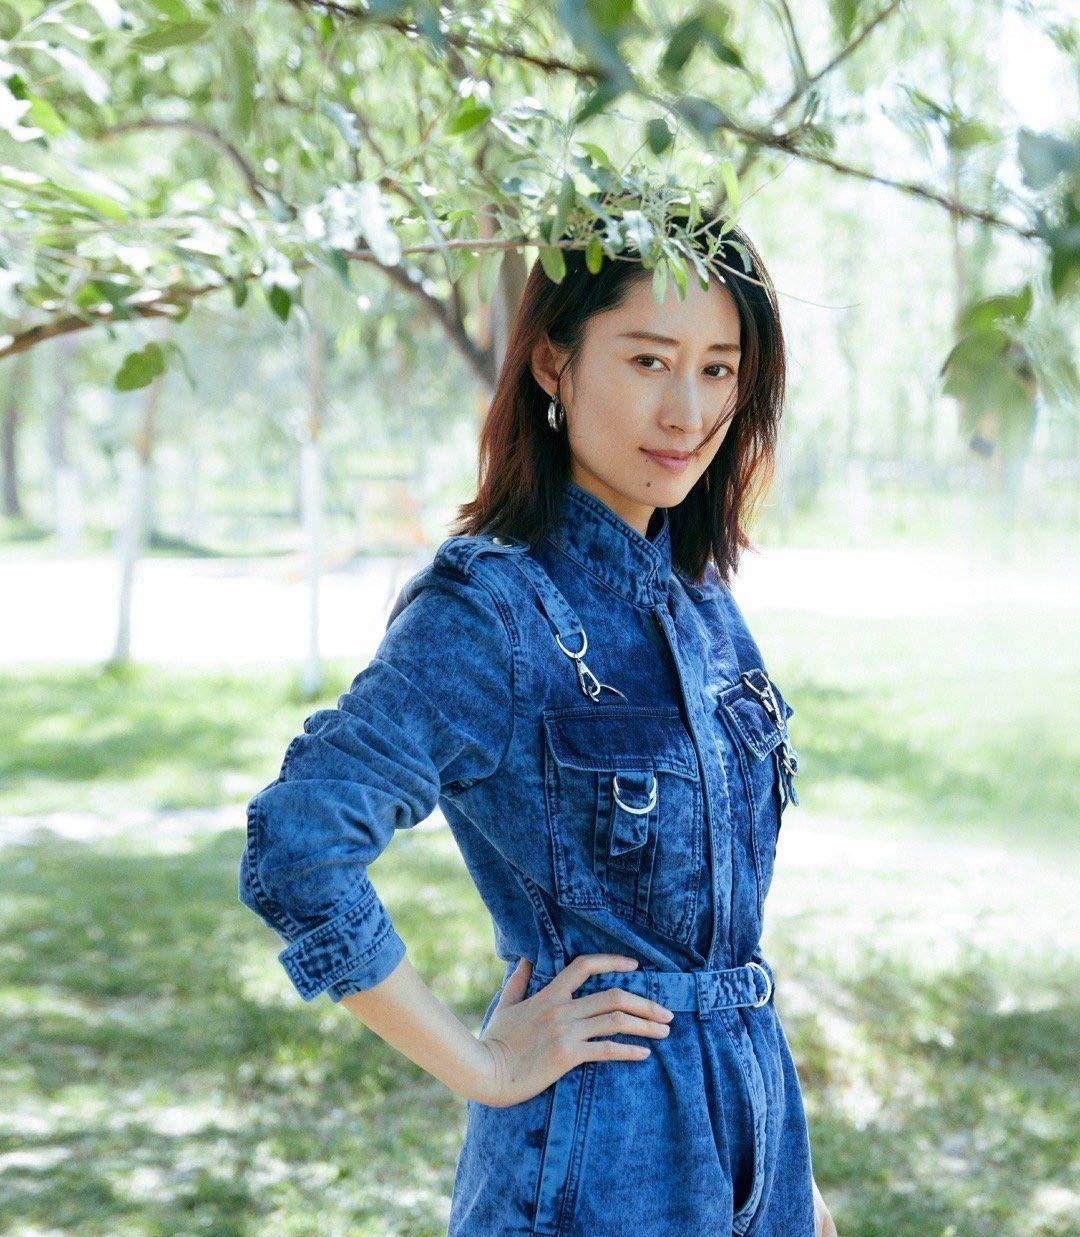 刘敏涛最新写真,一身牛仔连身裤搭配运动鞋,干练舒适